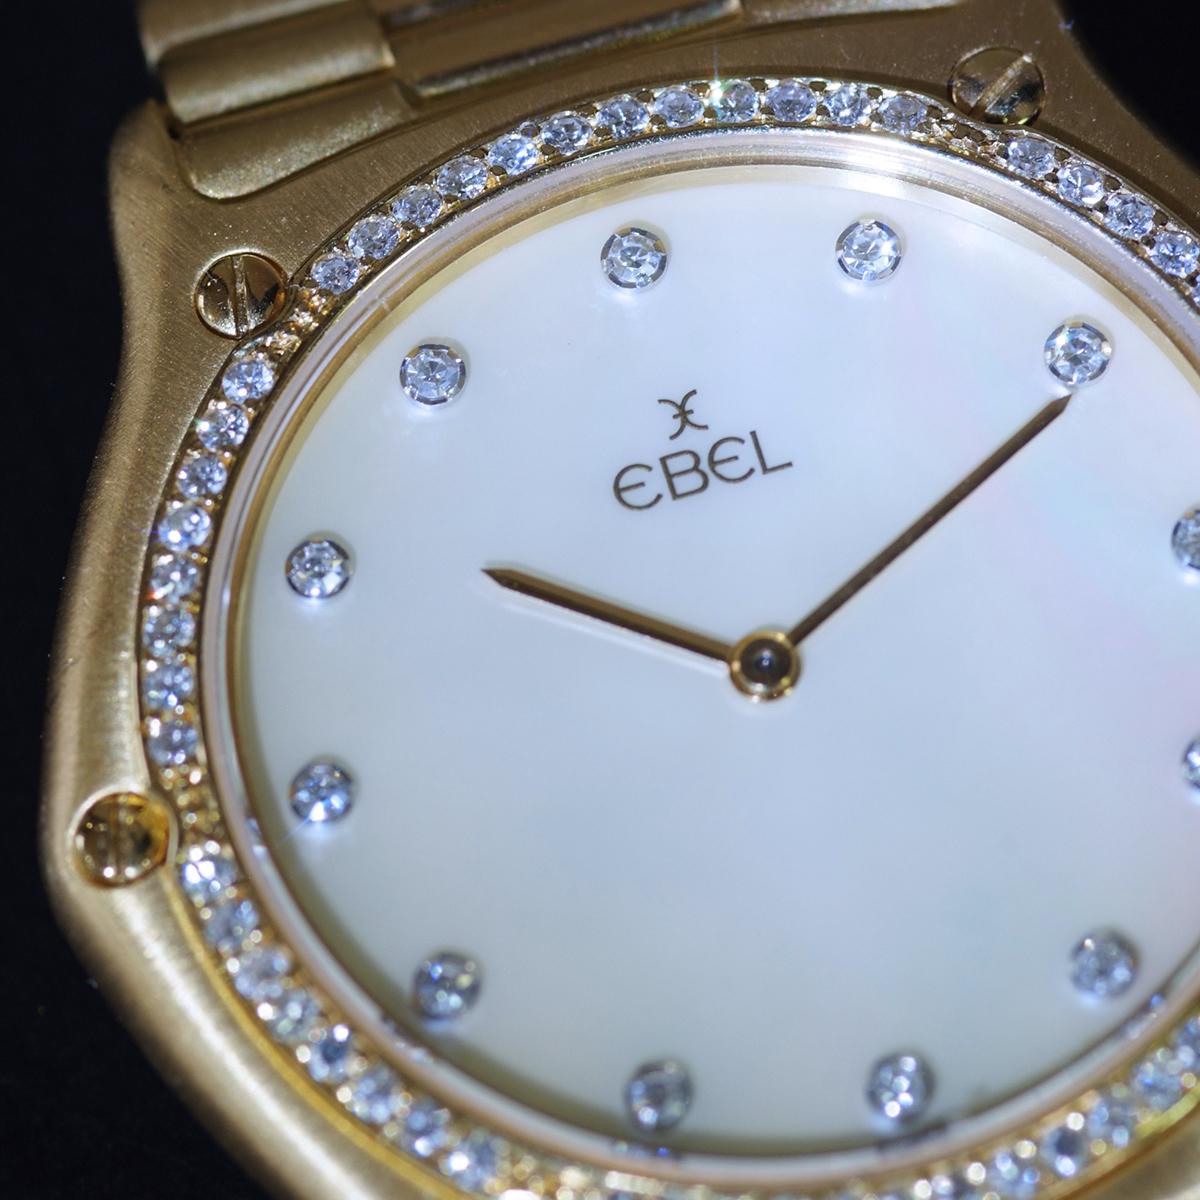 E8912【EBEL】エベル 天然絶品ダイヤモンド マザーオブパール 最高級18金無垢 メンズQZ 腕周り18.0~17.5cm 重量94.0g ケース幅35.8mm